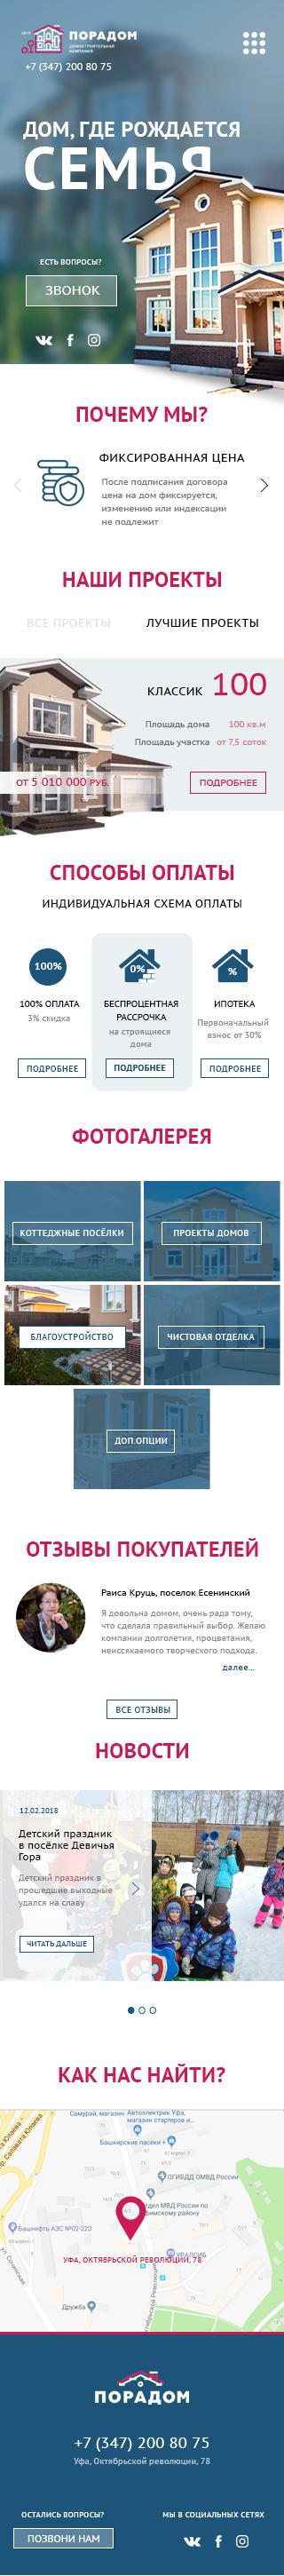 Дизайн главной на мобильных для домостроительной компании фото f_9725a885d032b2a1.png